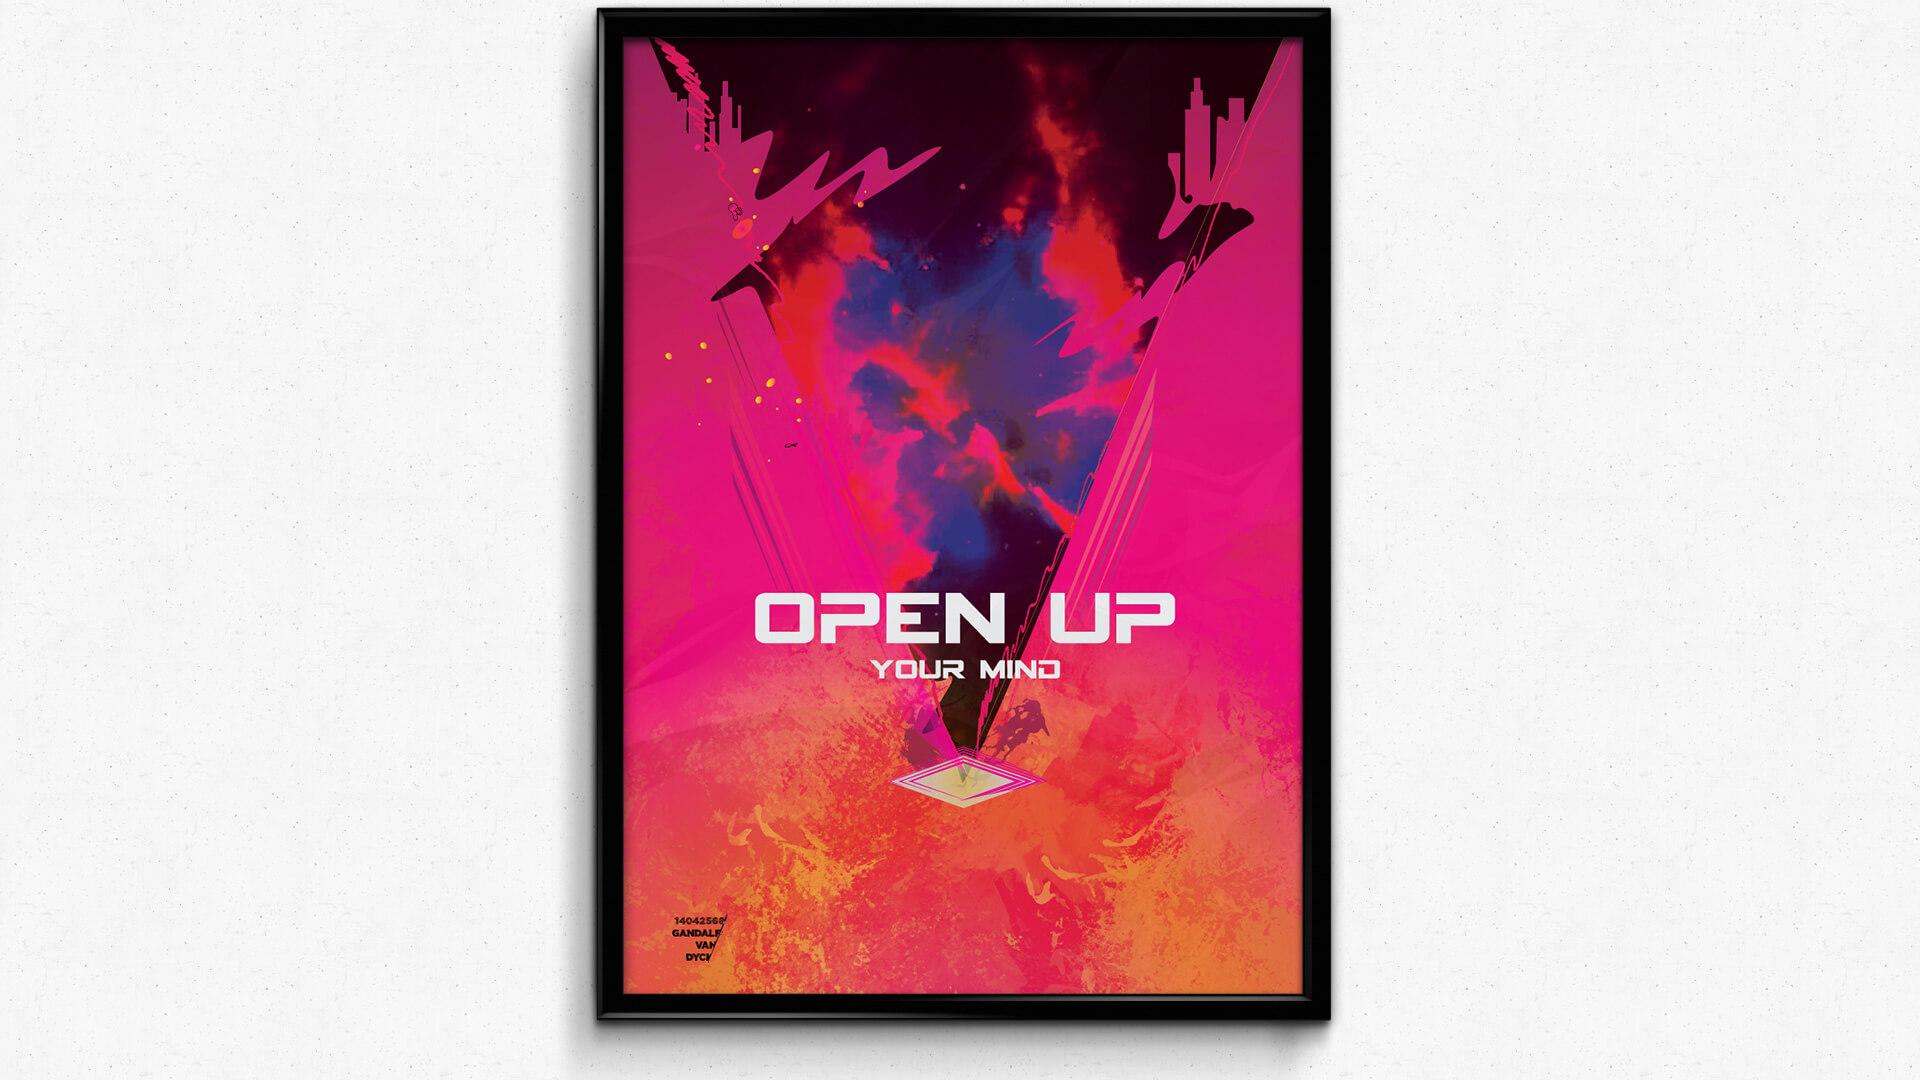 openyourmind poster mockup